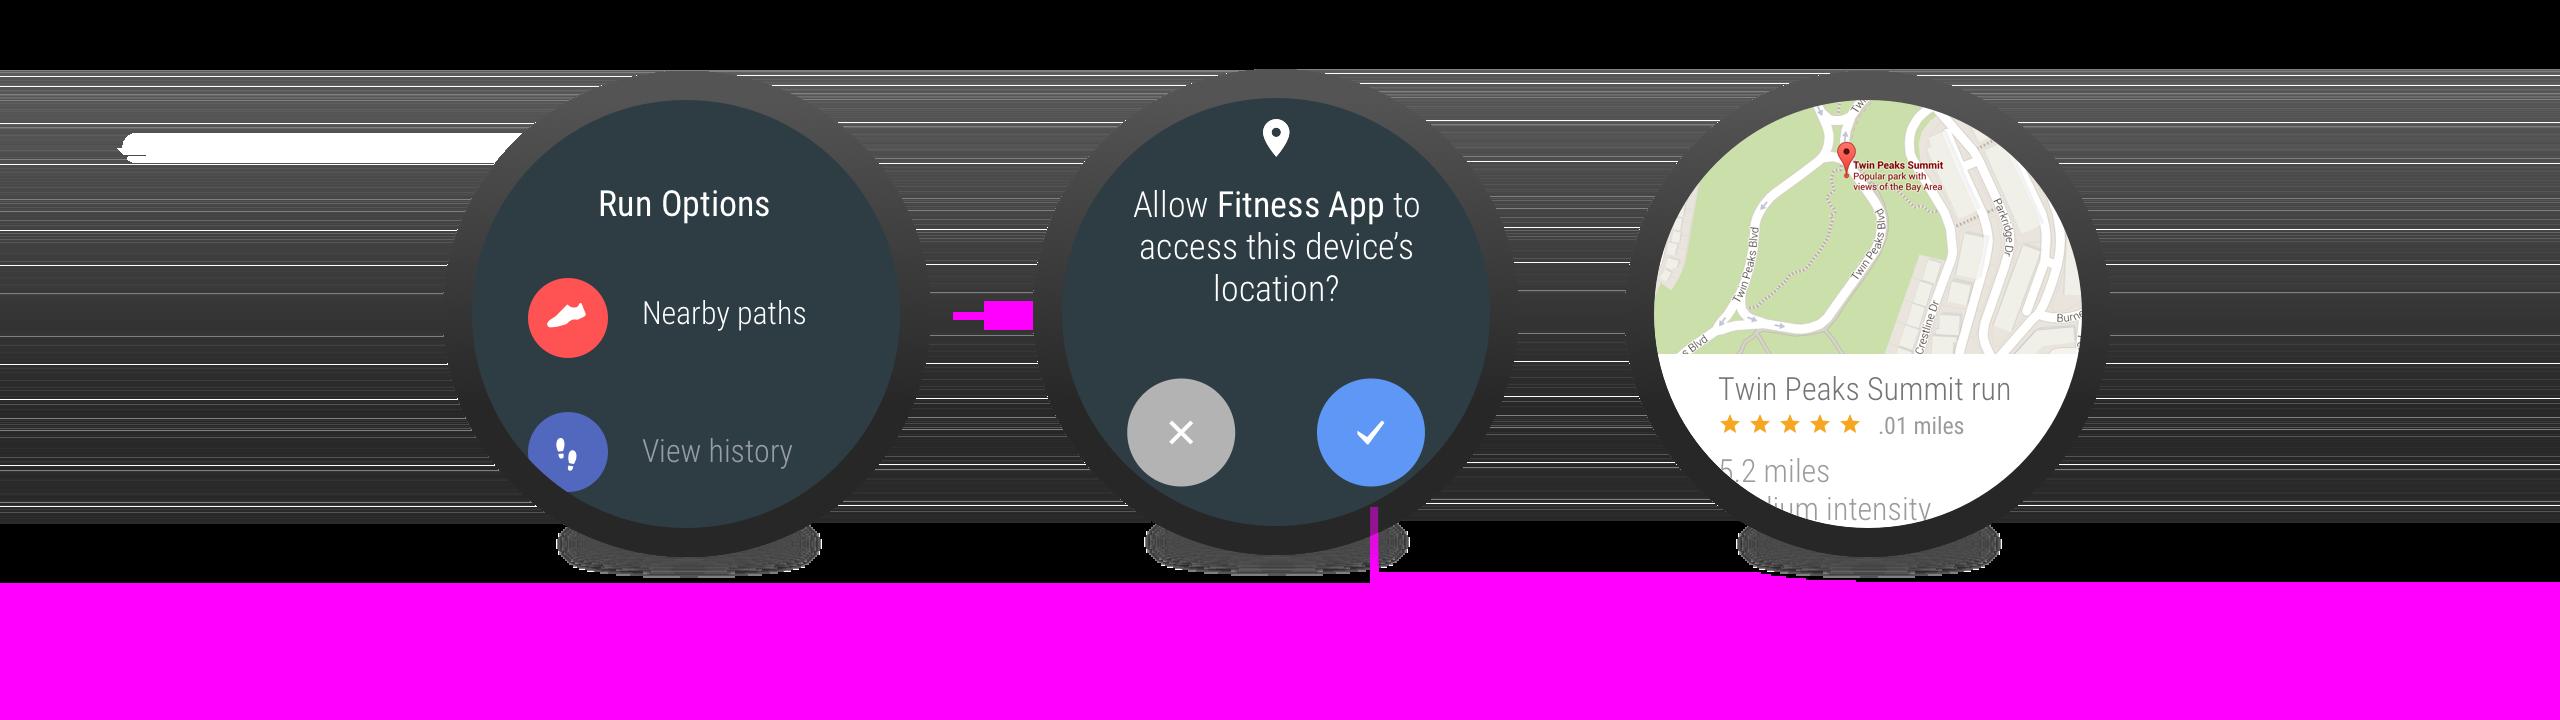 O app solicita a permissão quando ela é obviamente necessária.